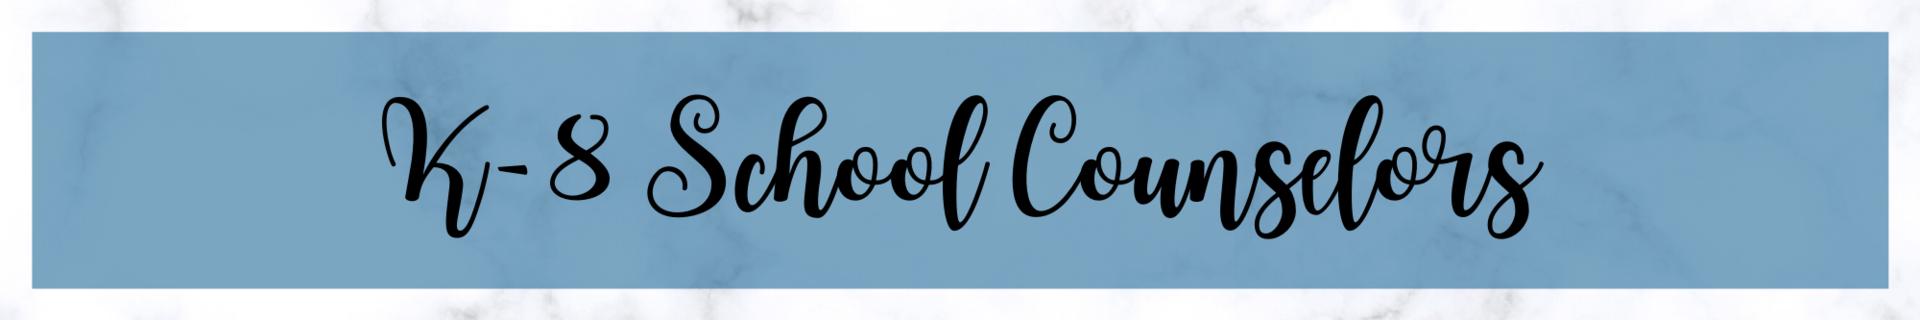 K-8 School Counselor Header